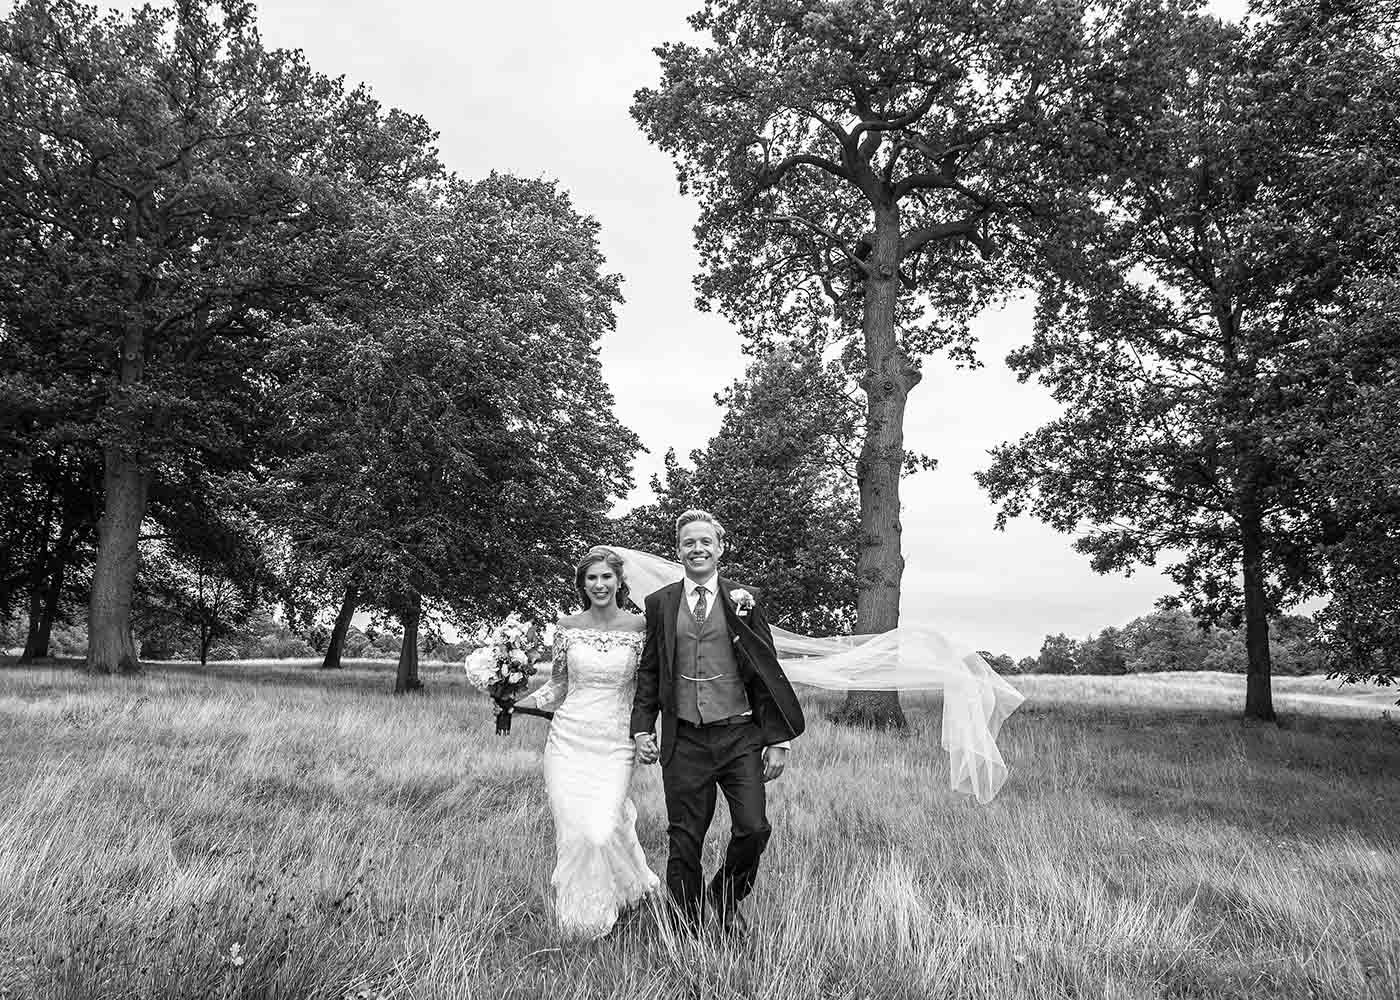 Micro wedding photography Wokingham